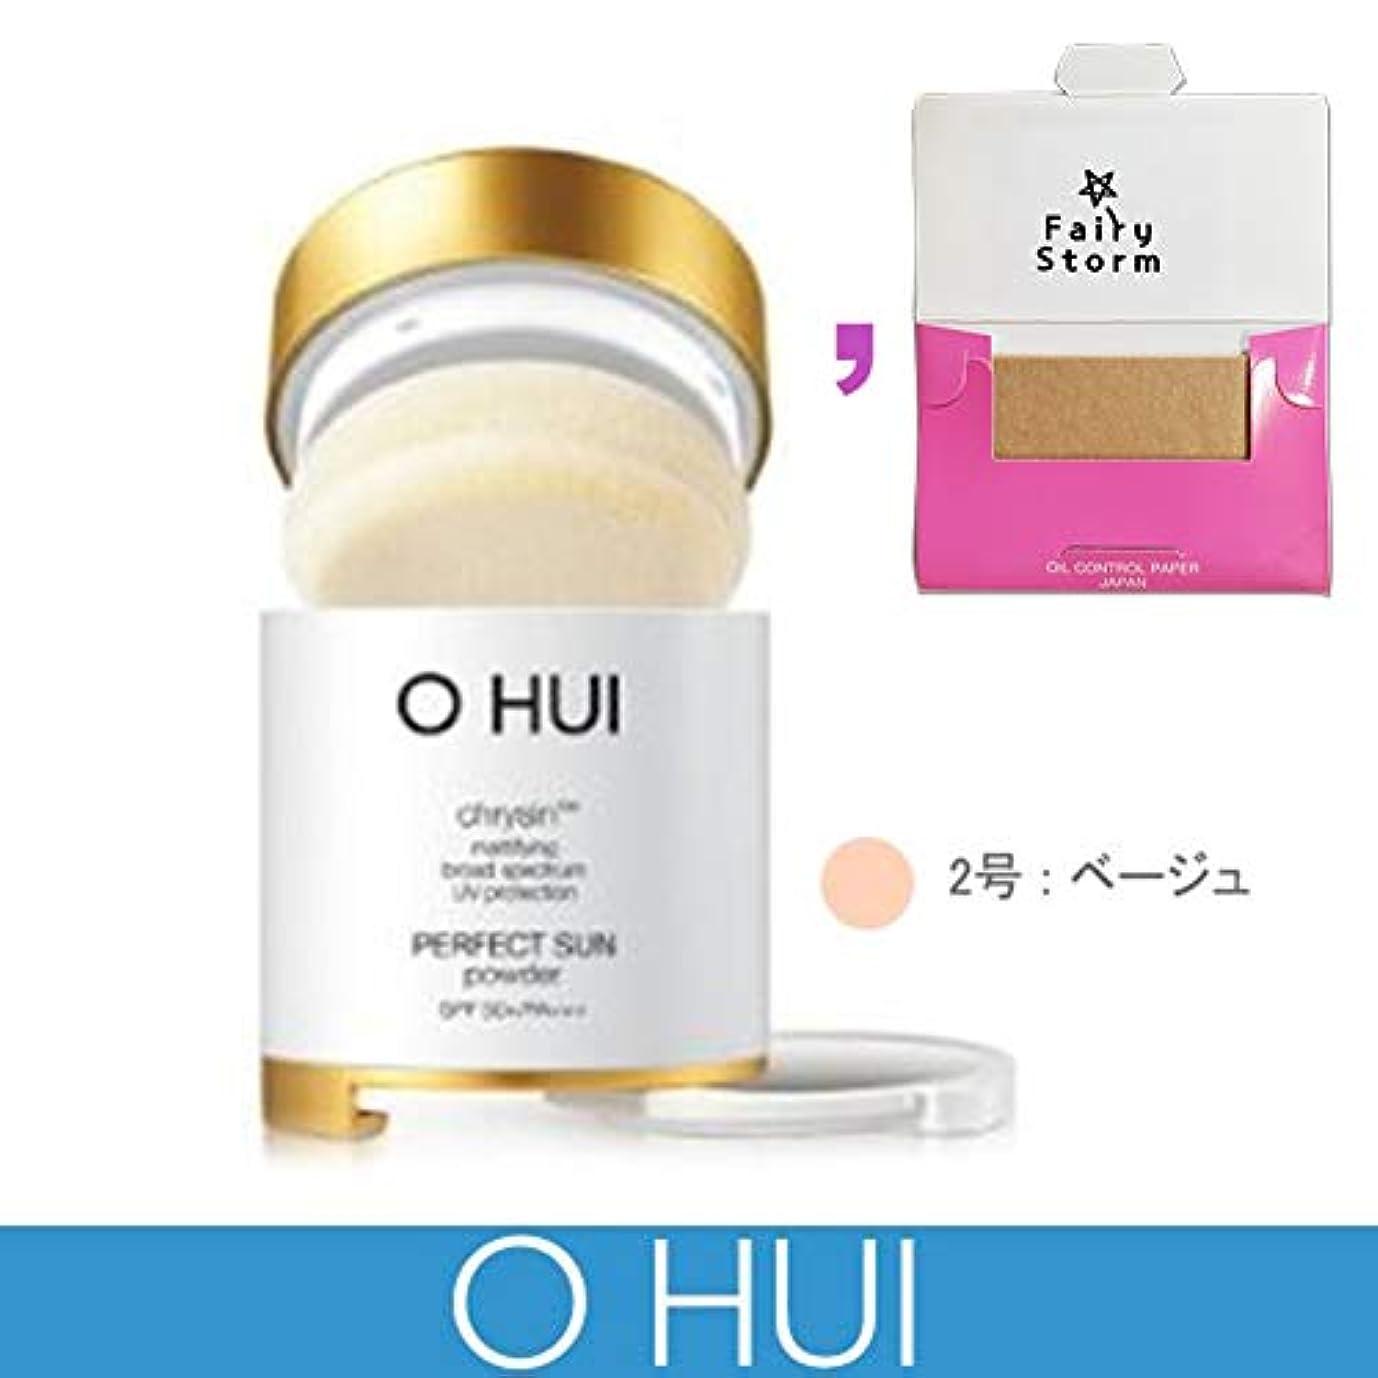 ミルク分類アレルギー[OHUI/オフィ]パウダー サンブロック EX (SPF50+ PA+++) [Sun] Powder Sunblock EX 2号:ベージュ[HONEST SKIN 海外直送品]